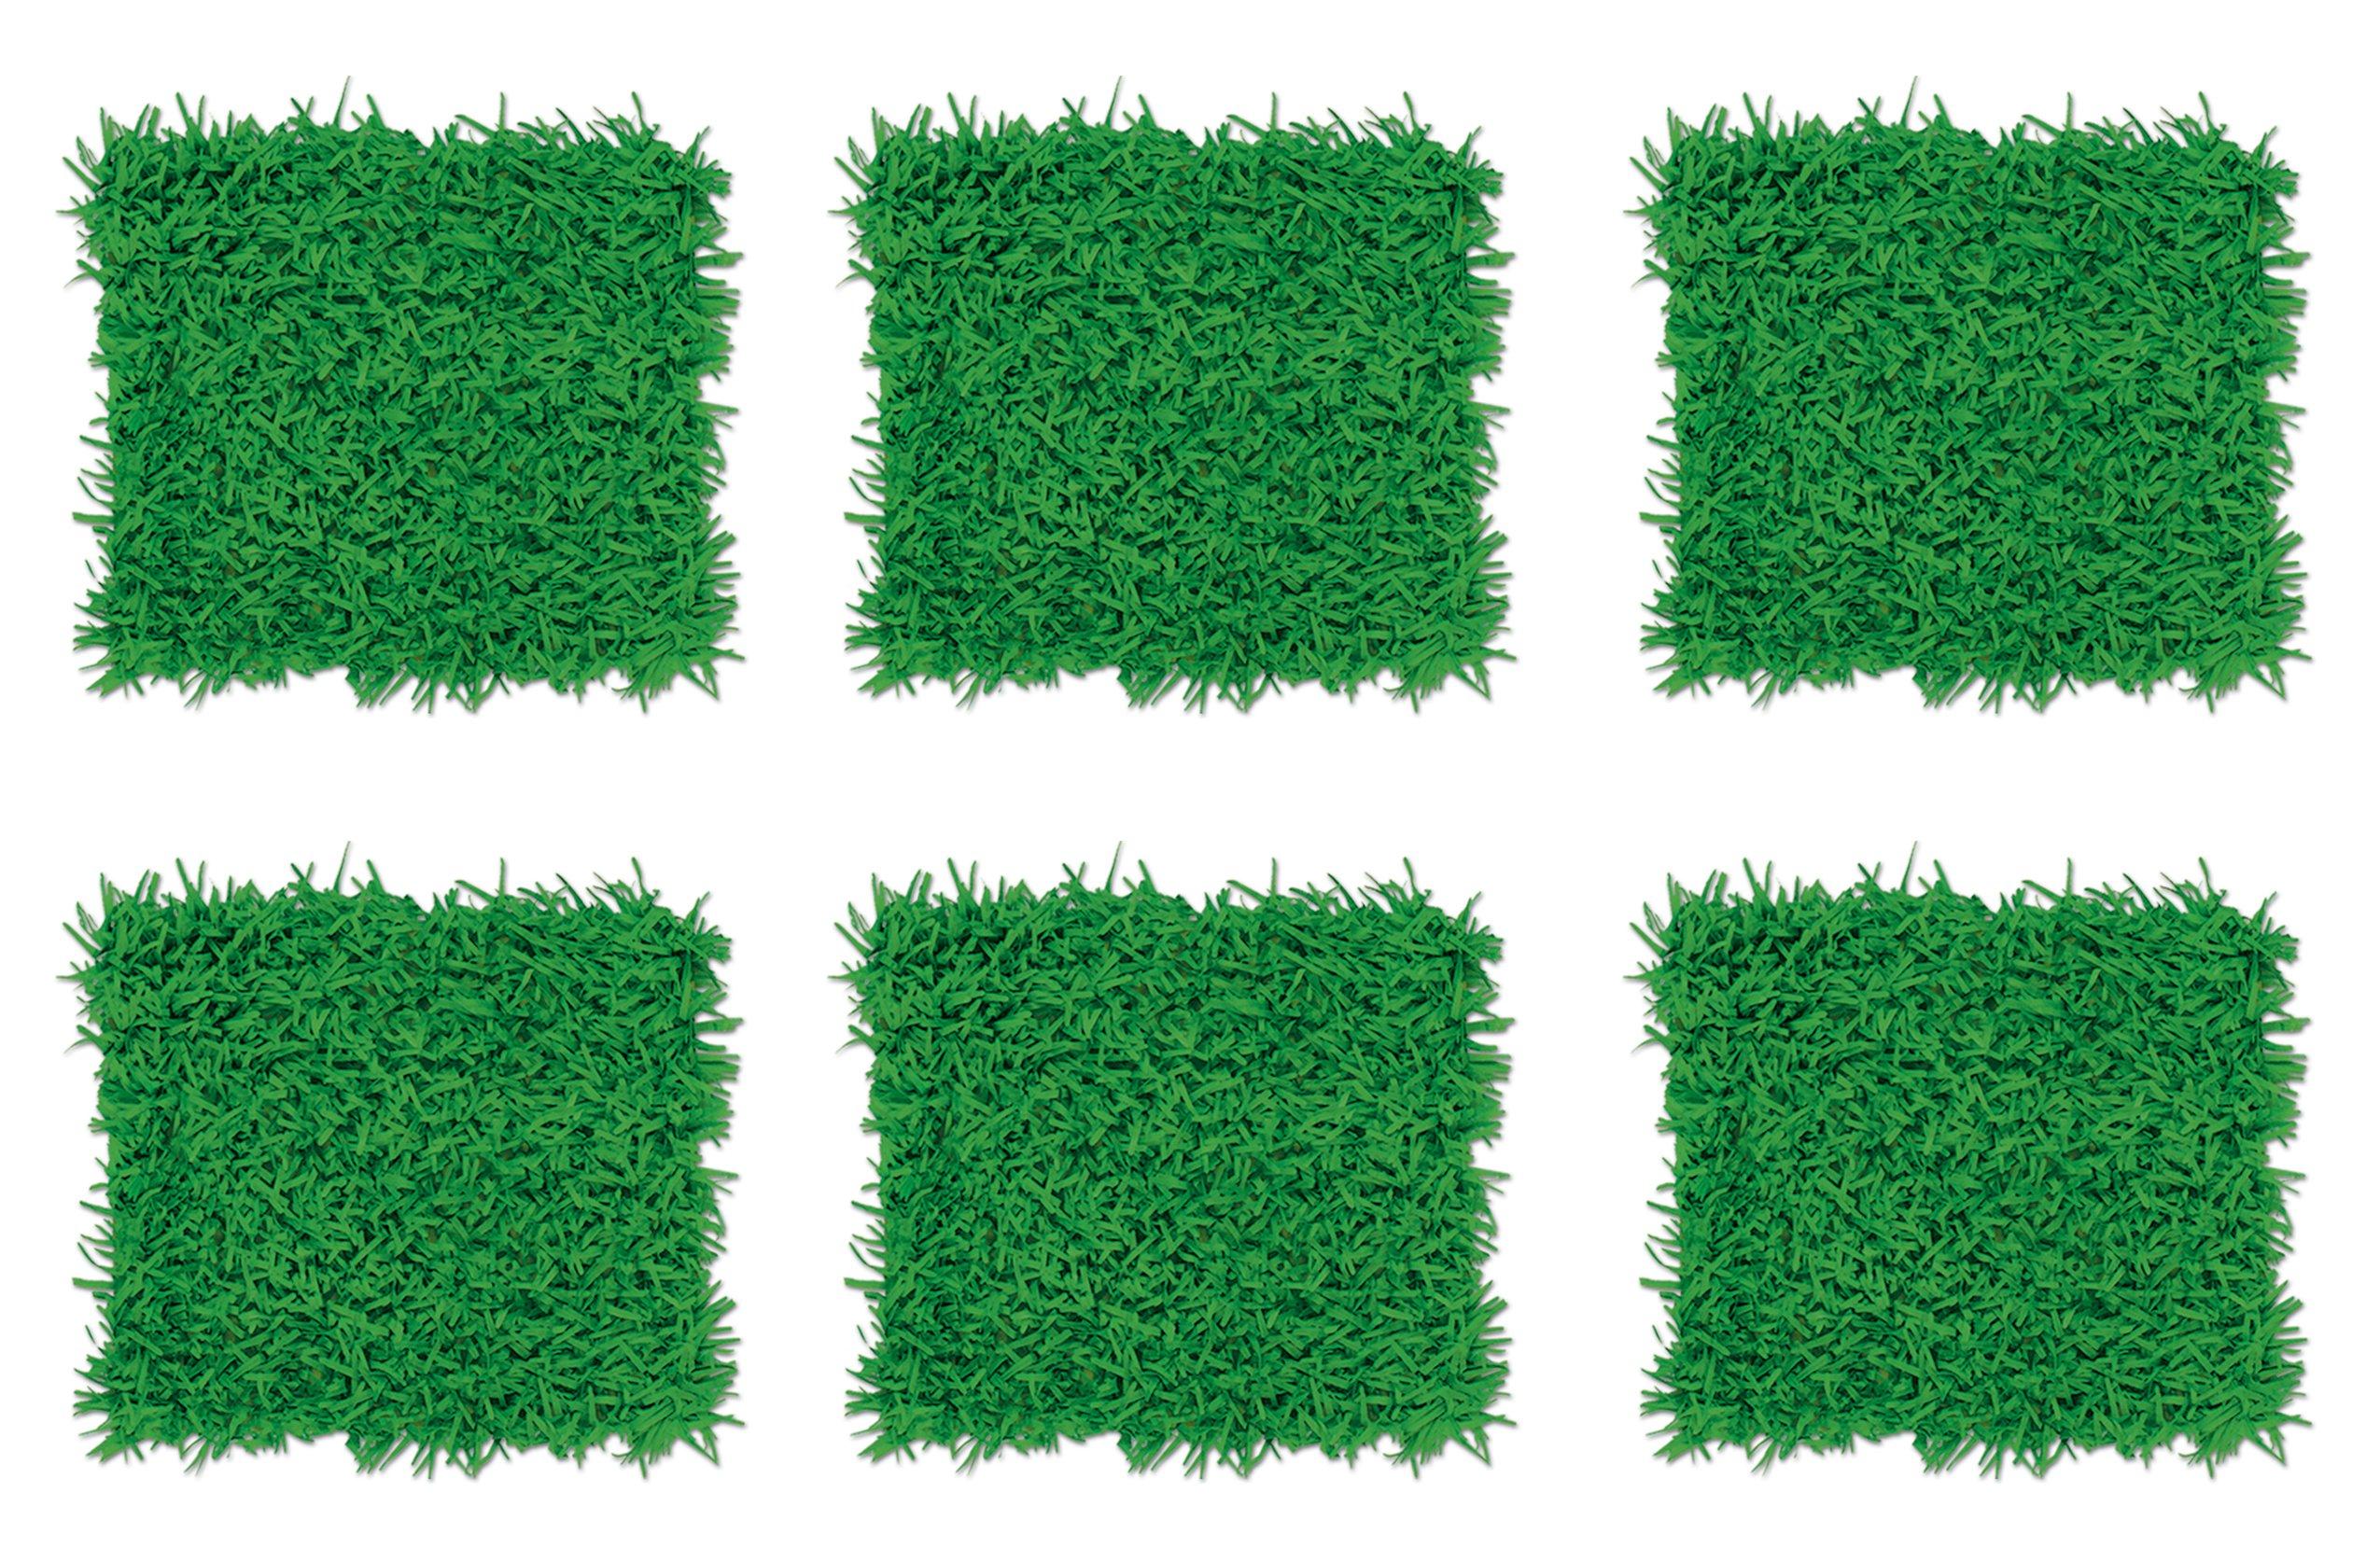 Beistle S55640AZ6 Tissue Grass Mats 6 Piece, 15'' x 30'', Green